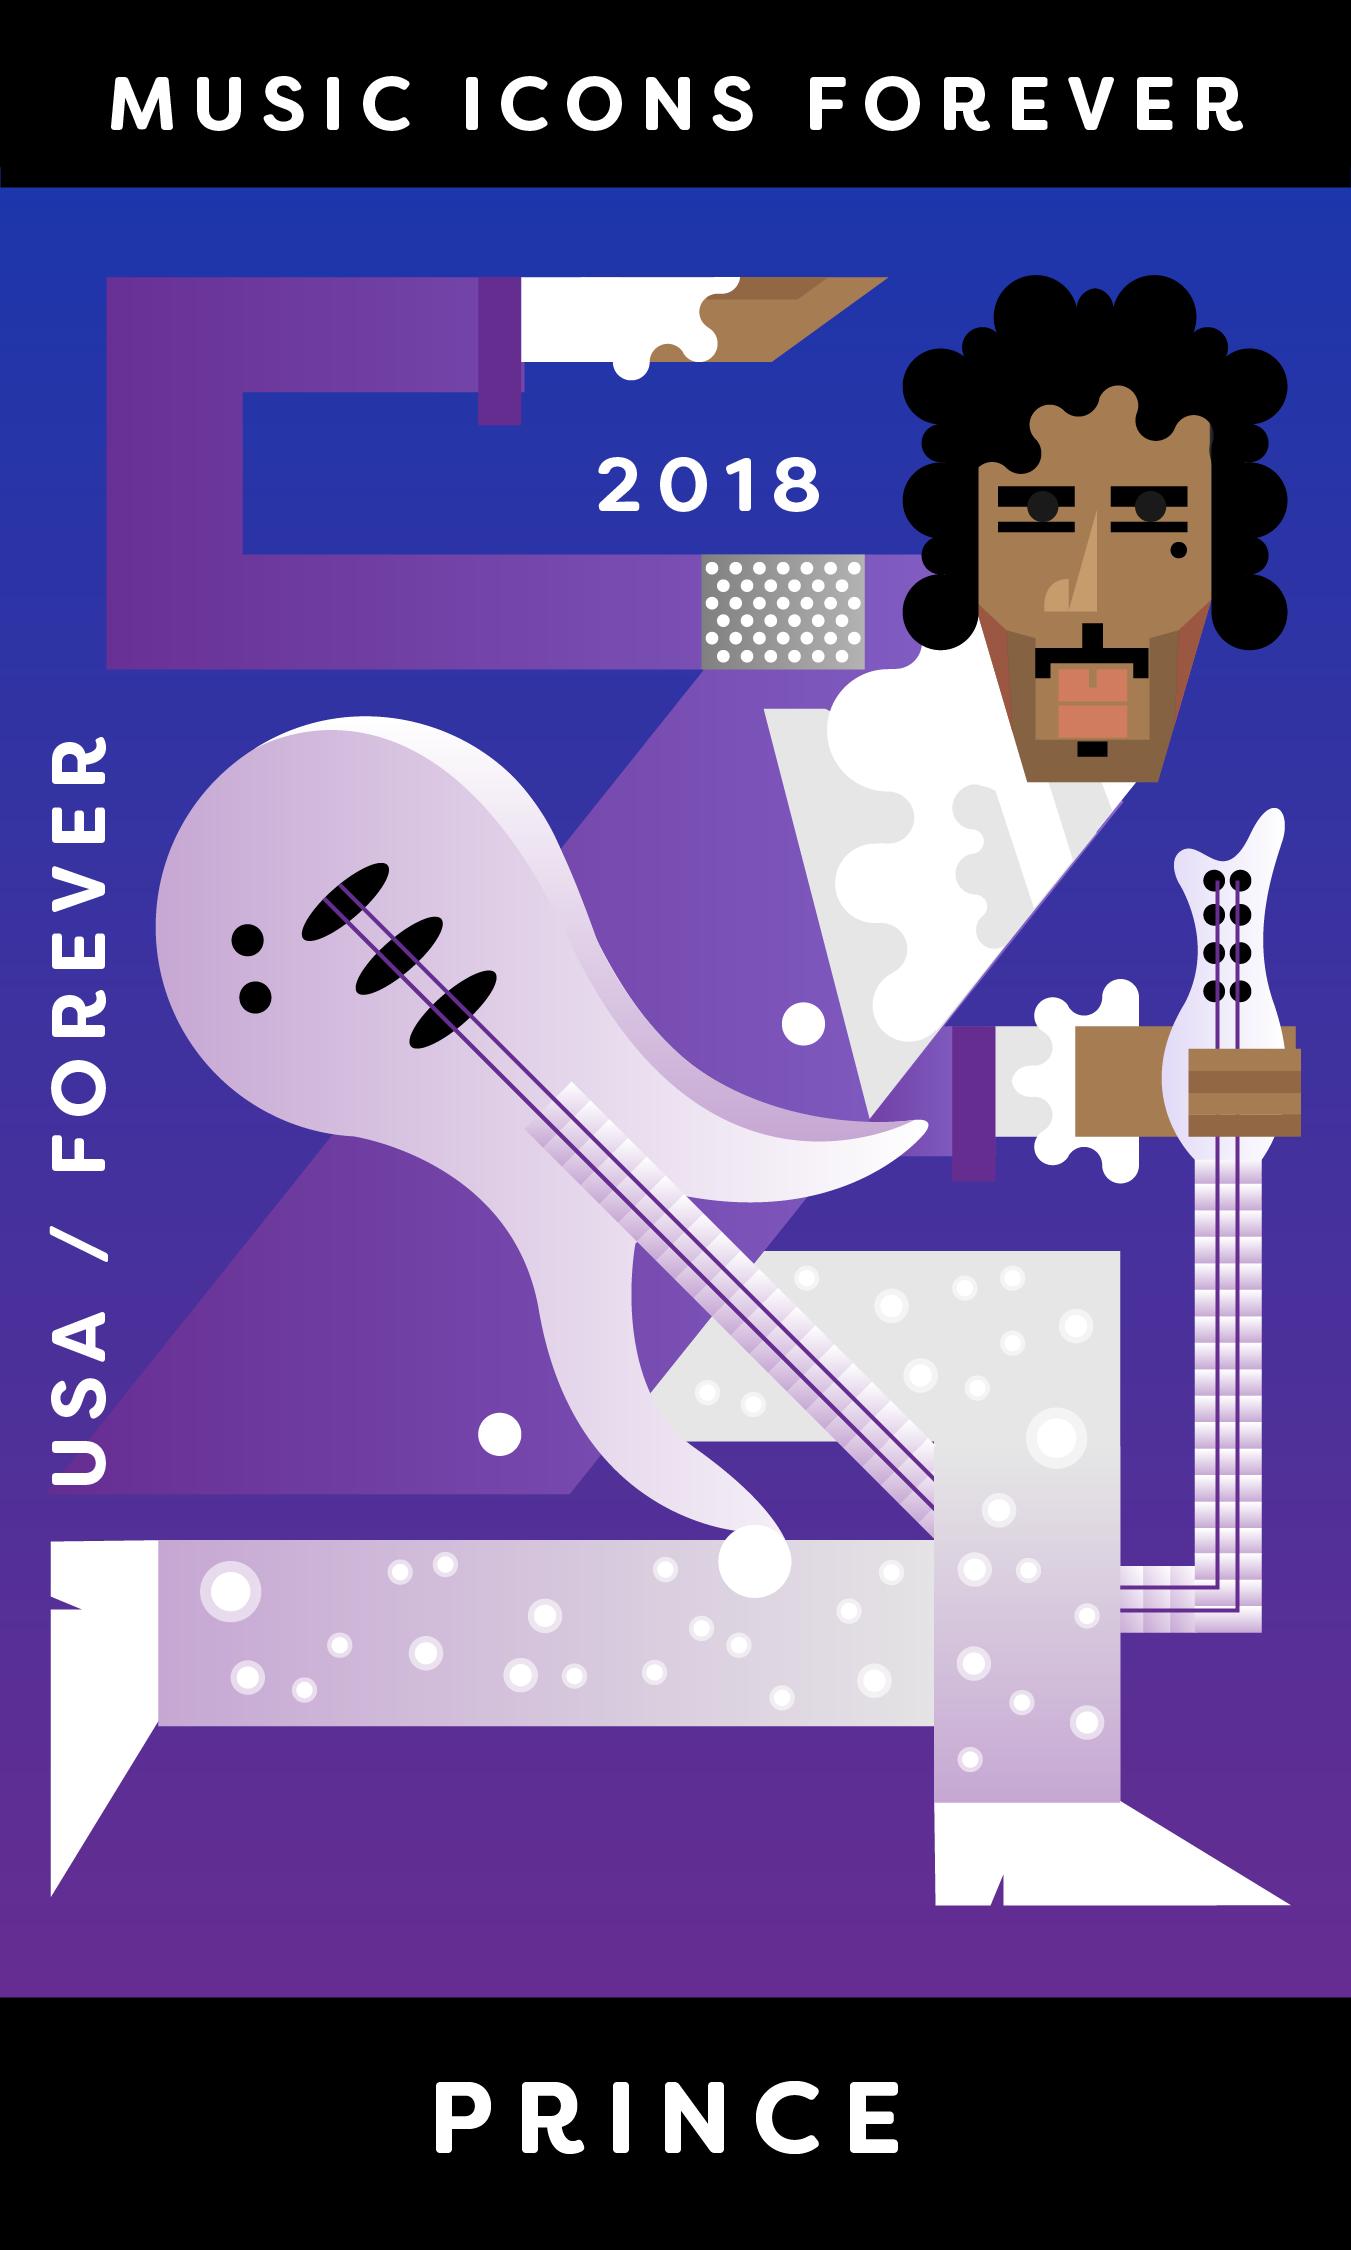 Prince Stamp Illustration